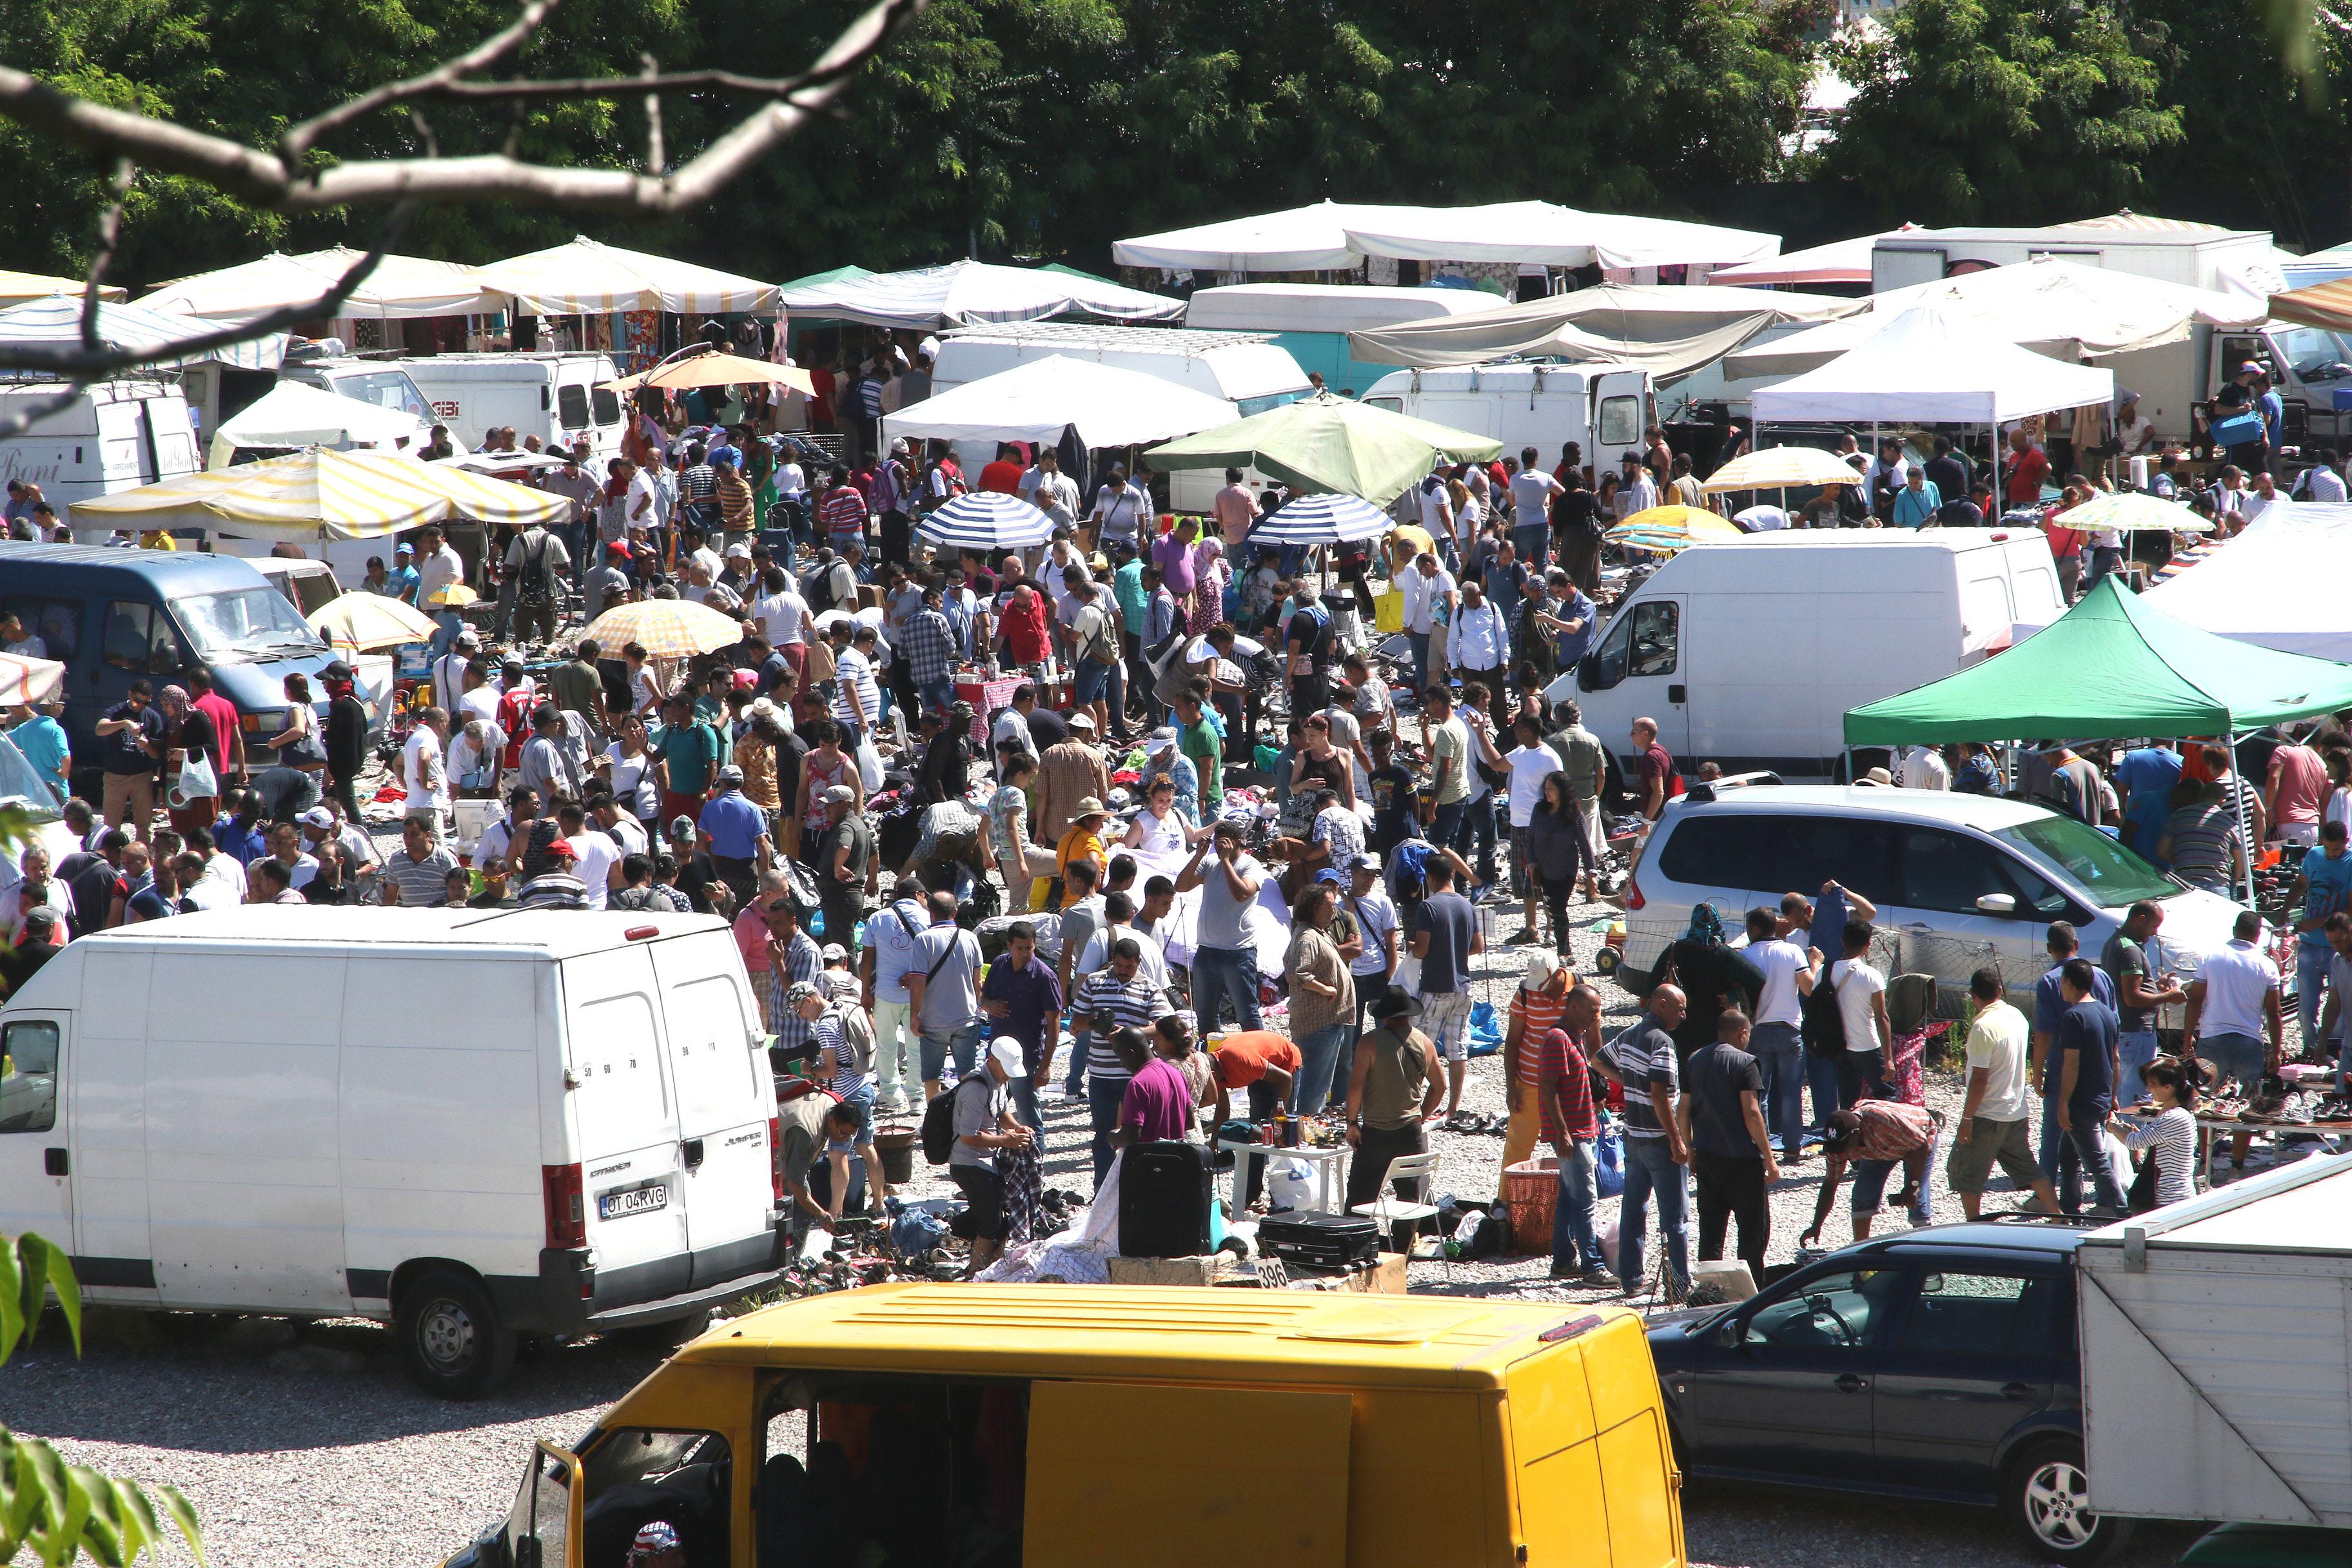 mercato suk in viale puglie la protesta ora chiudetelo On mercato del mobile usato milano